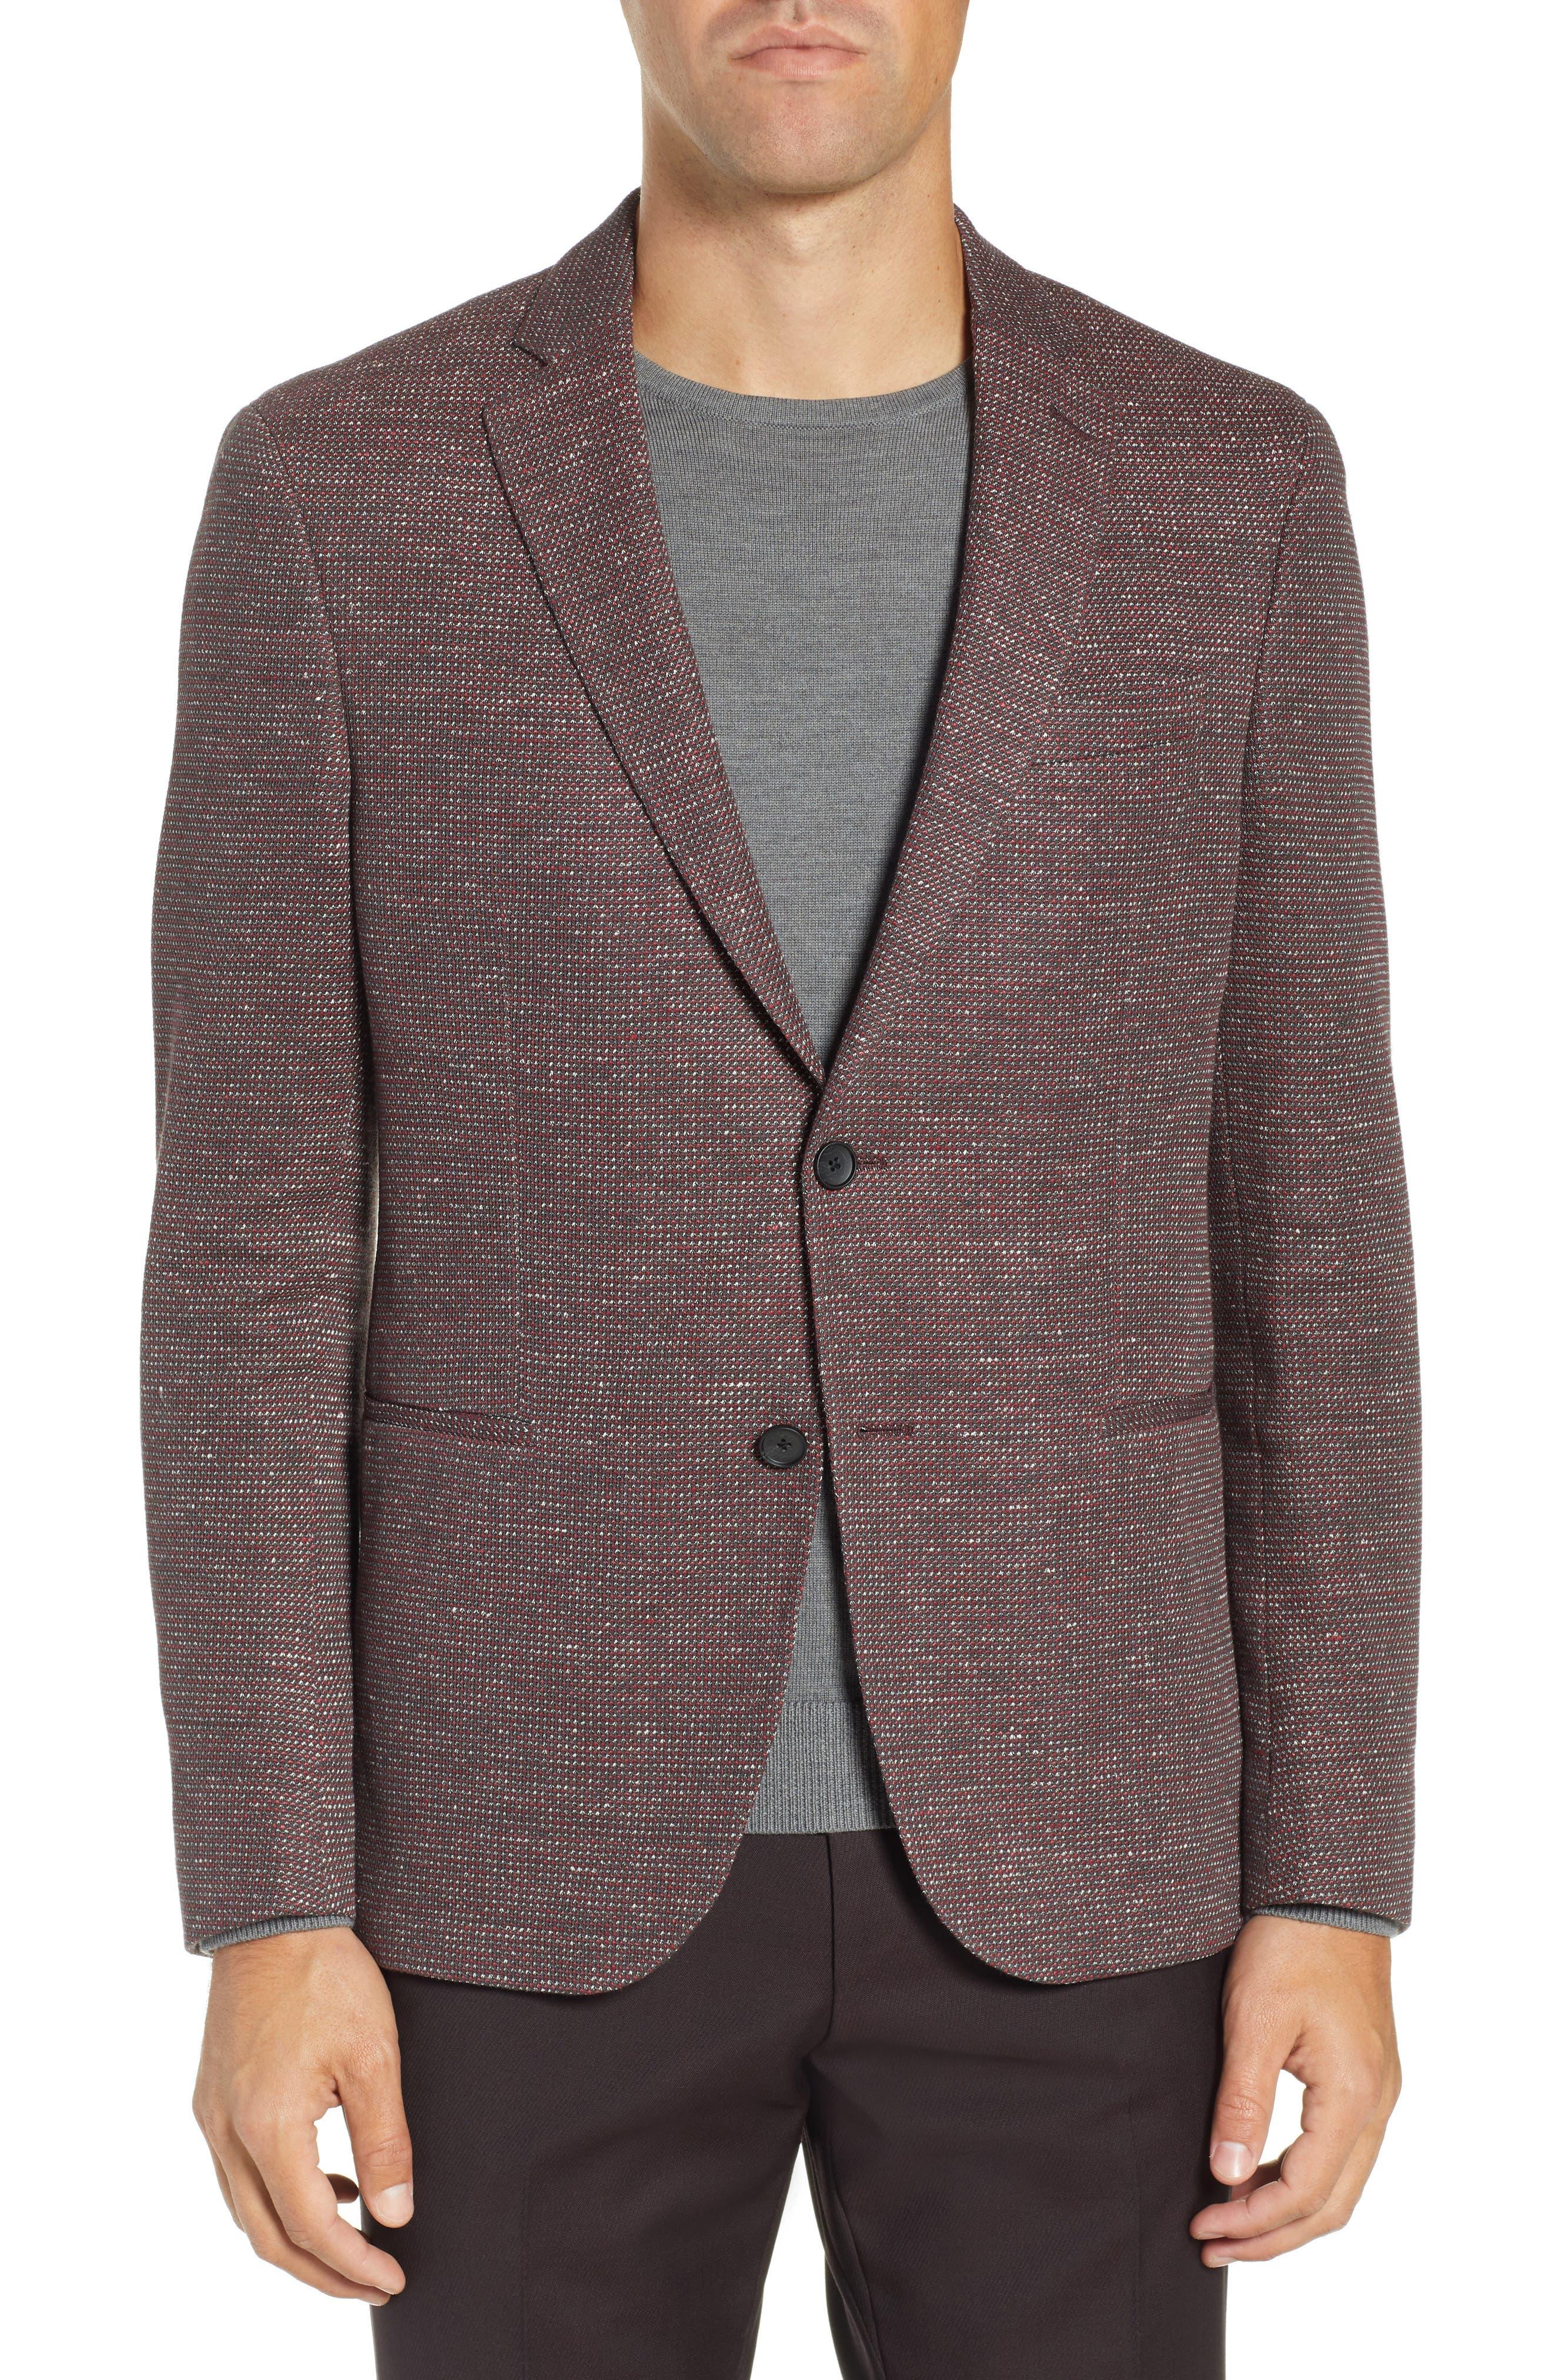 Norwin Trim Fit Cotton Blend Sport Coat,                             Main thumbnail 1, color,                             DARK RED